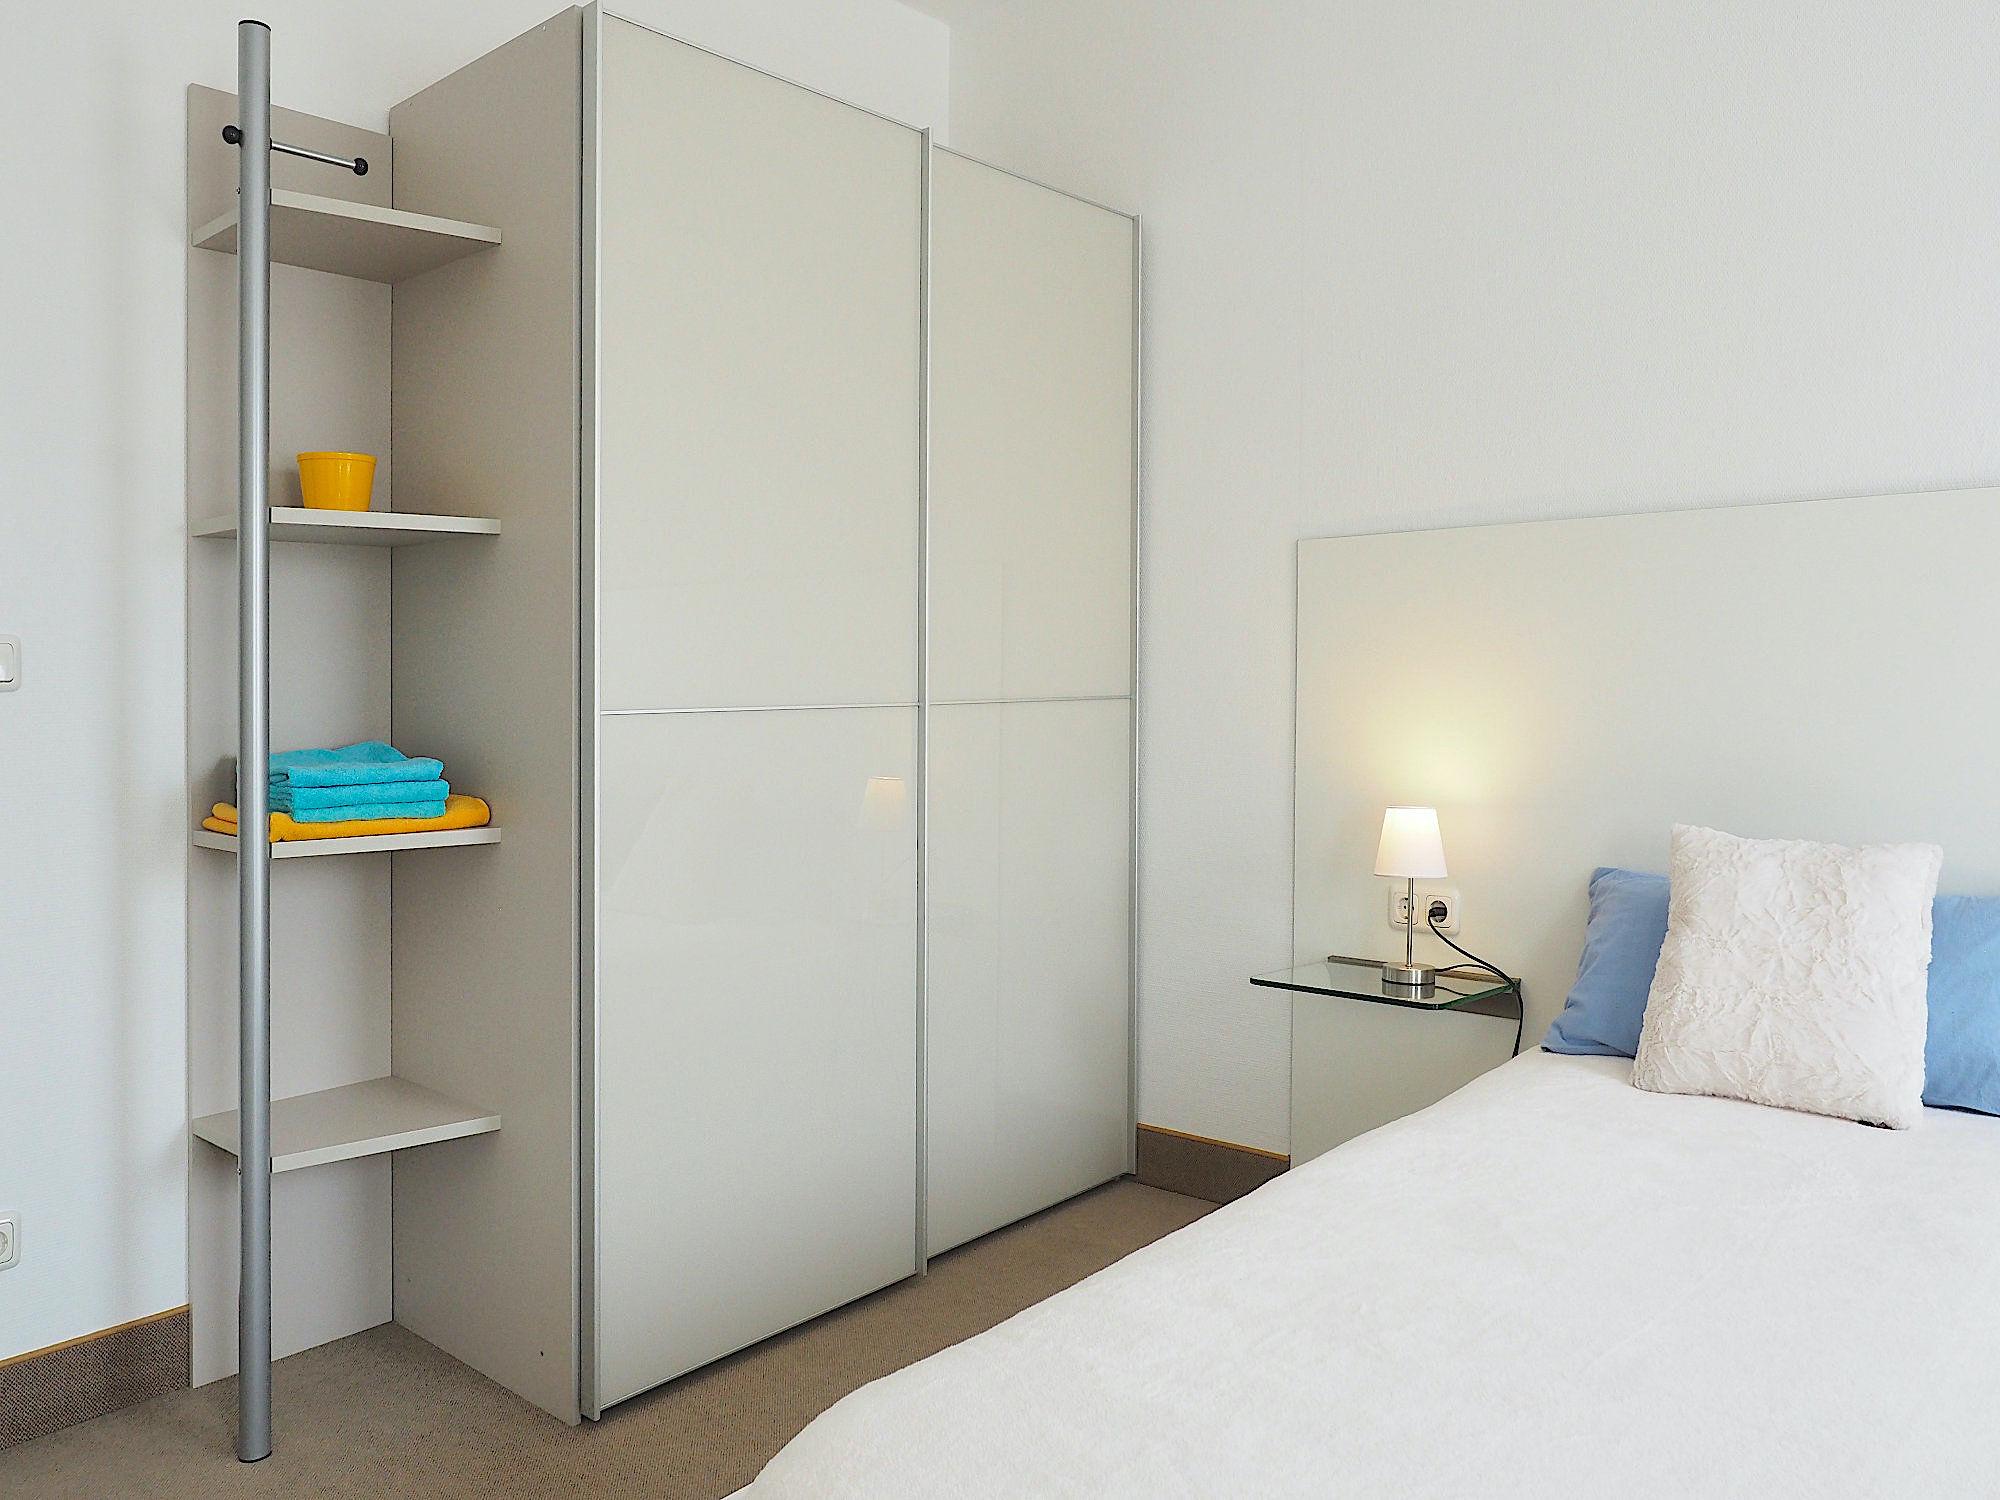 Schlafzimmer mit Doppelbett, dahinter ein großer Kleiderschrank mit Regalteil